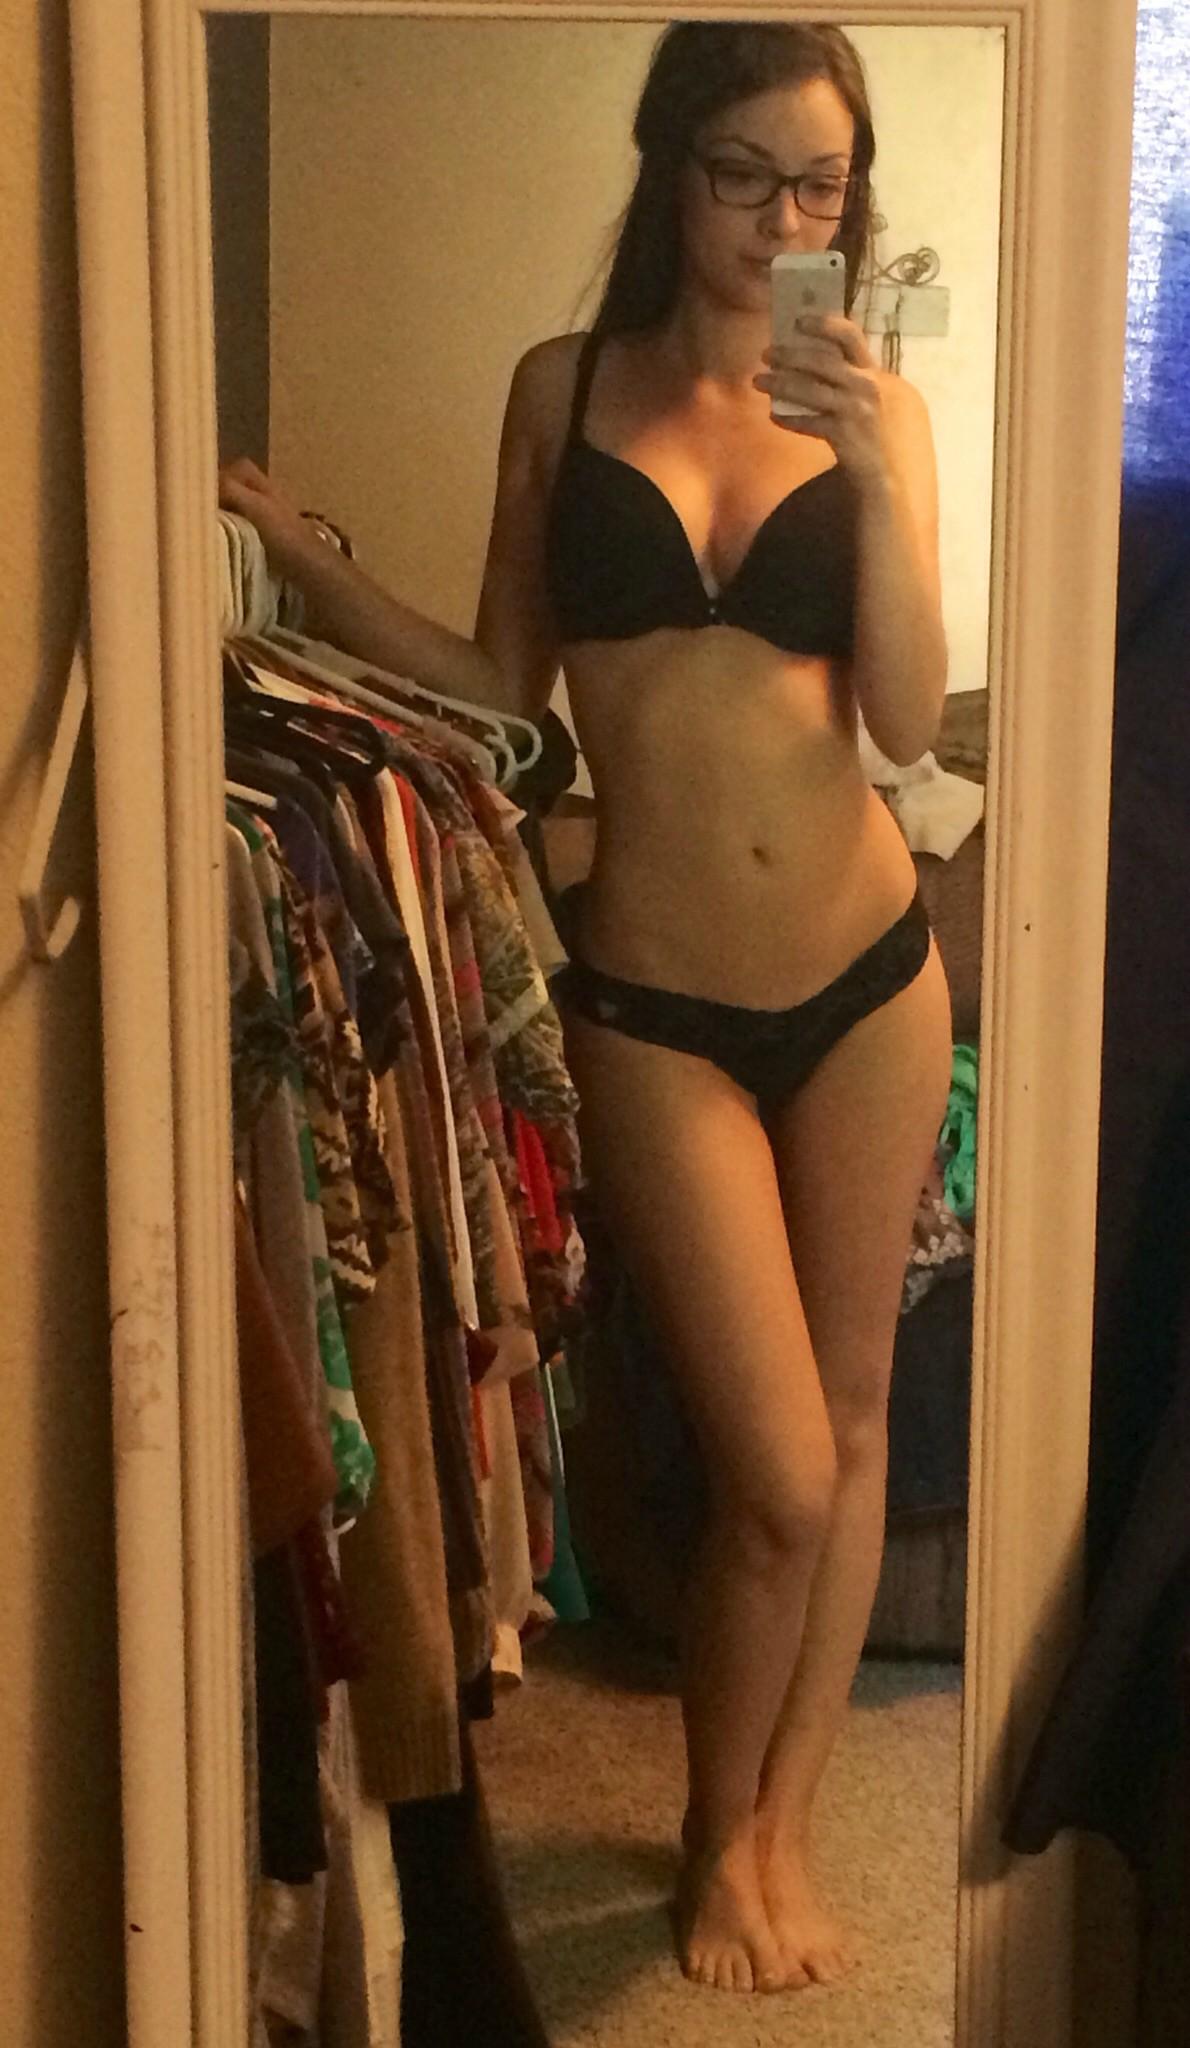 Частные селфи у зеркала девушек старше 18 лет секс фото и порно фото